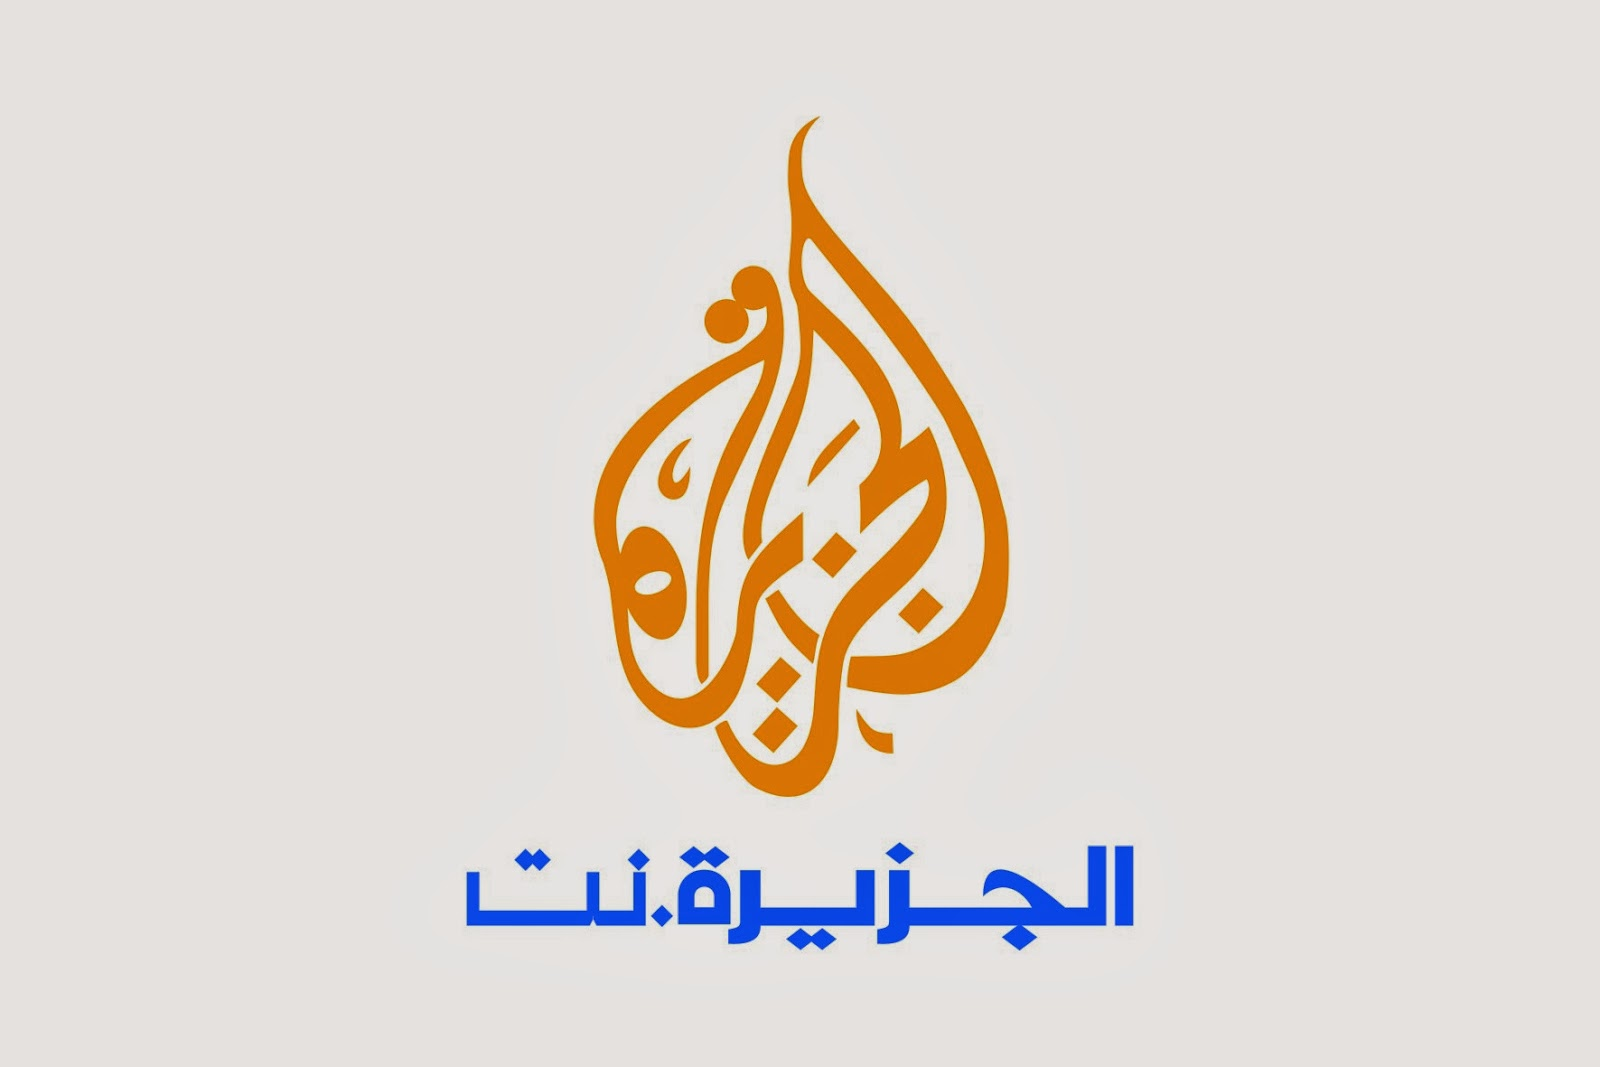 al jazeera - photo #22